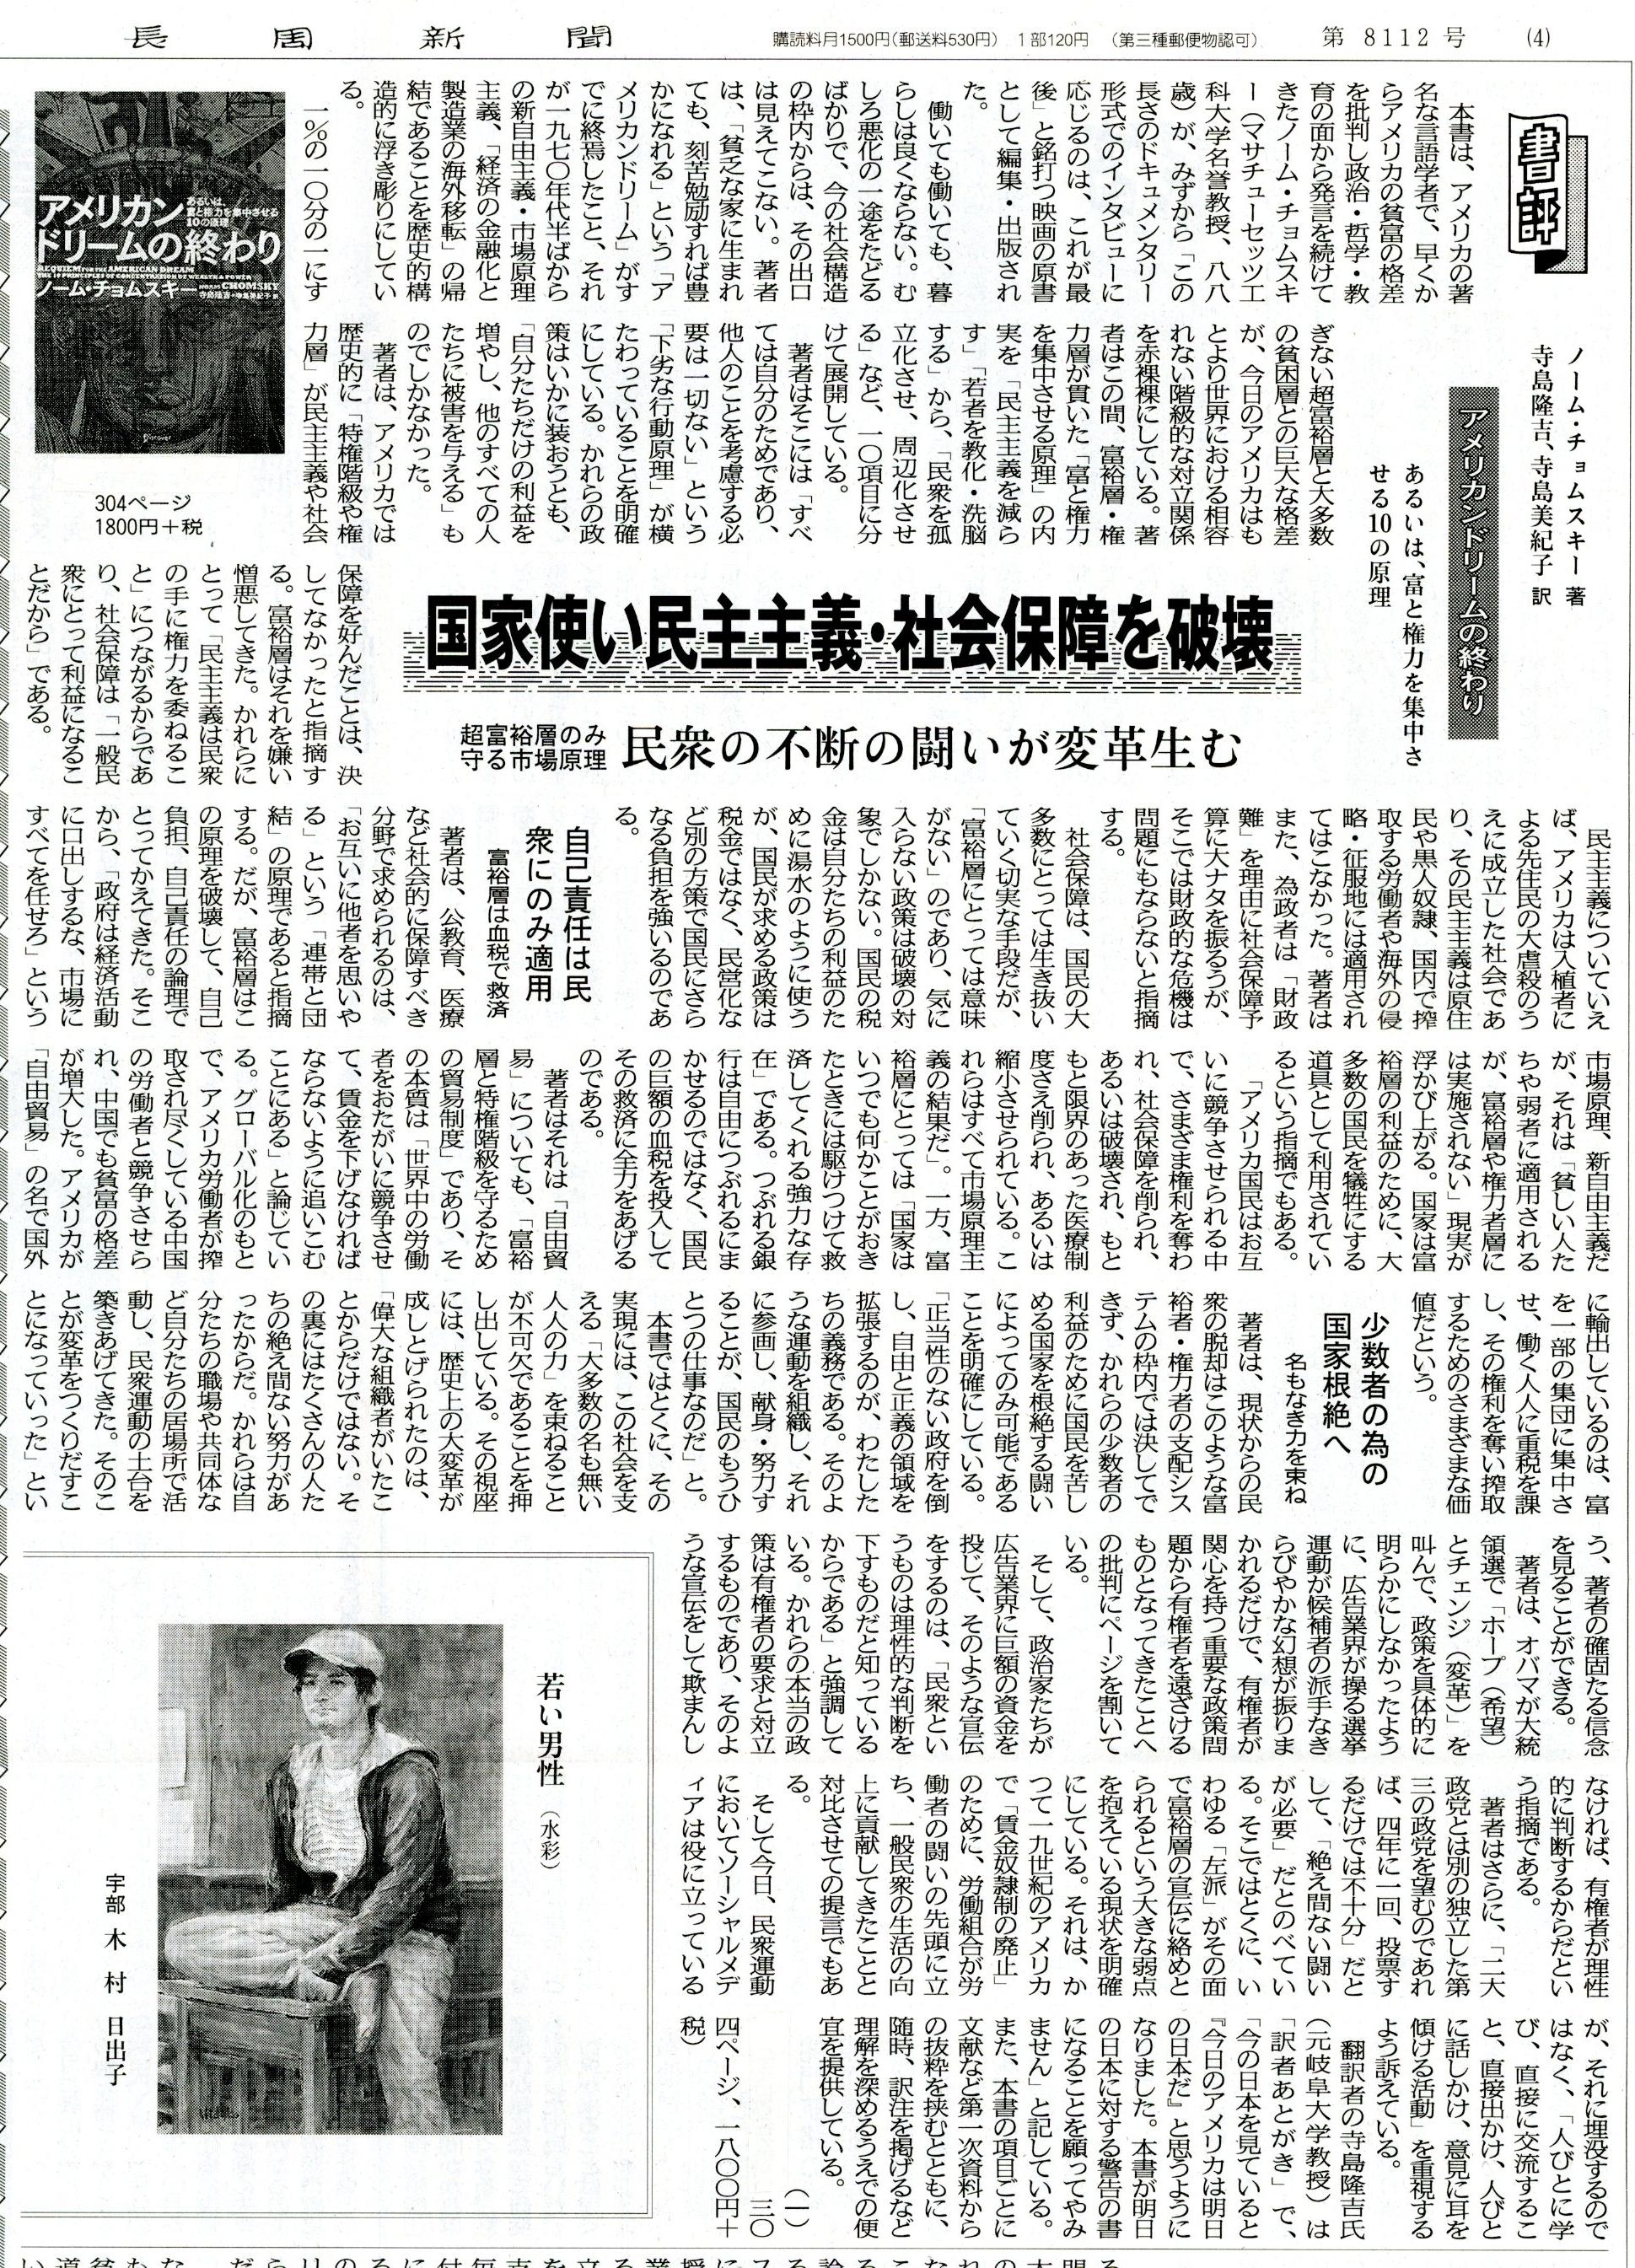 長周新聞チョムスキー書評056 (size less)